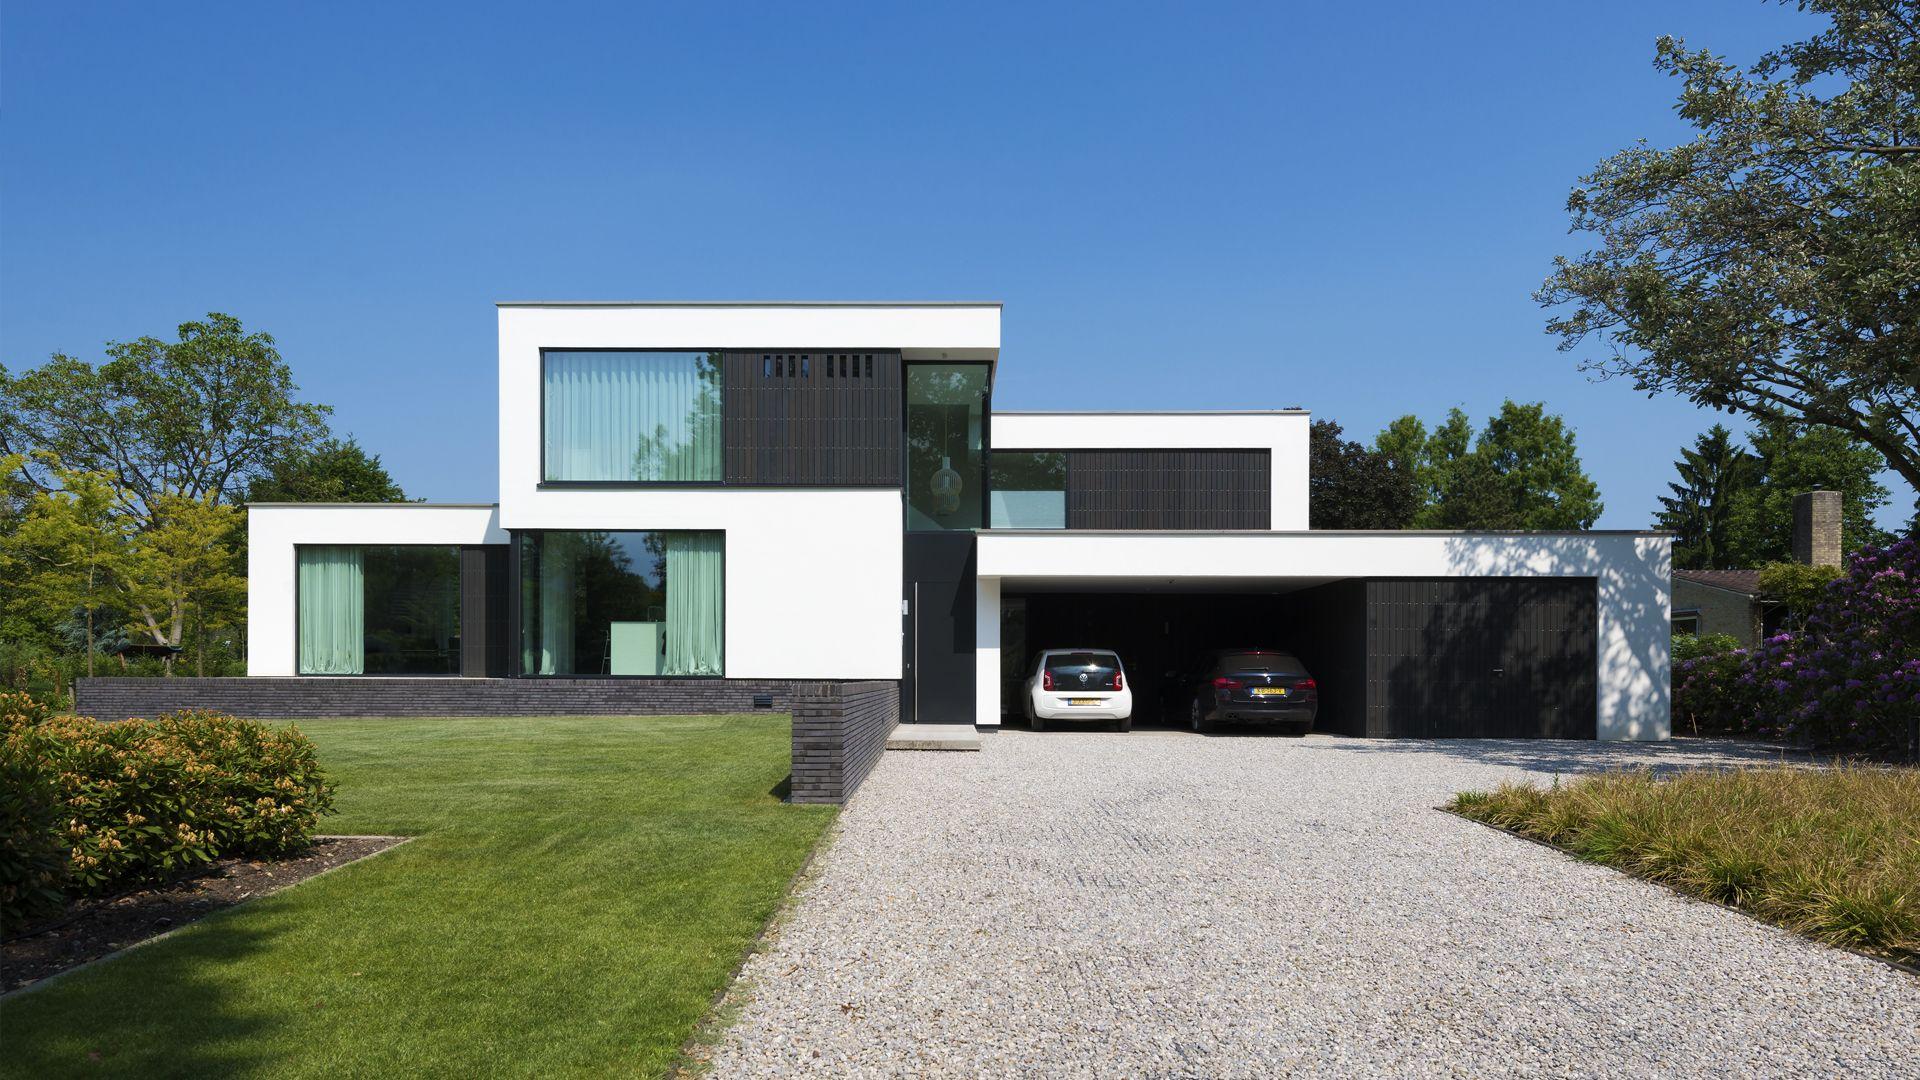 Woonhuis Twello | Haus | Pinterest | Moderne häuser, Hausbau und ...